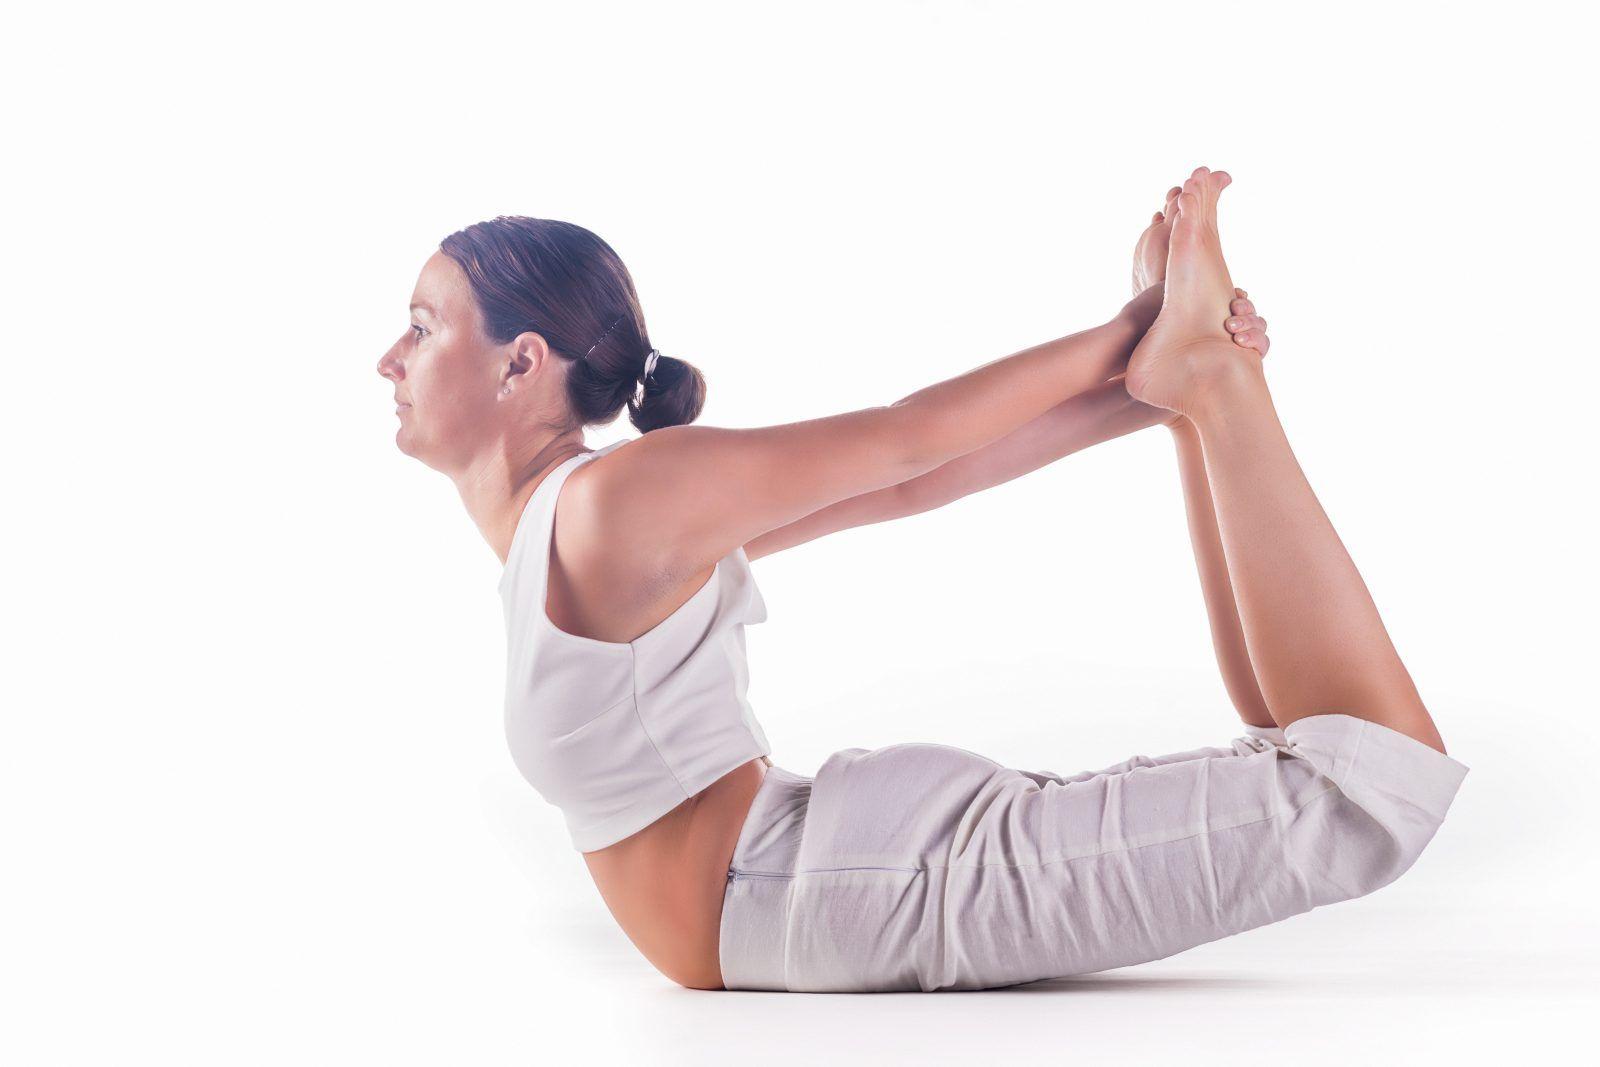 Йога Для Рук Для Похудения. 24 эффективных асаны для похудения в домашних условиях